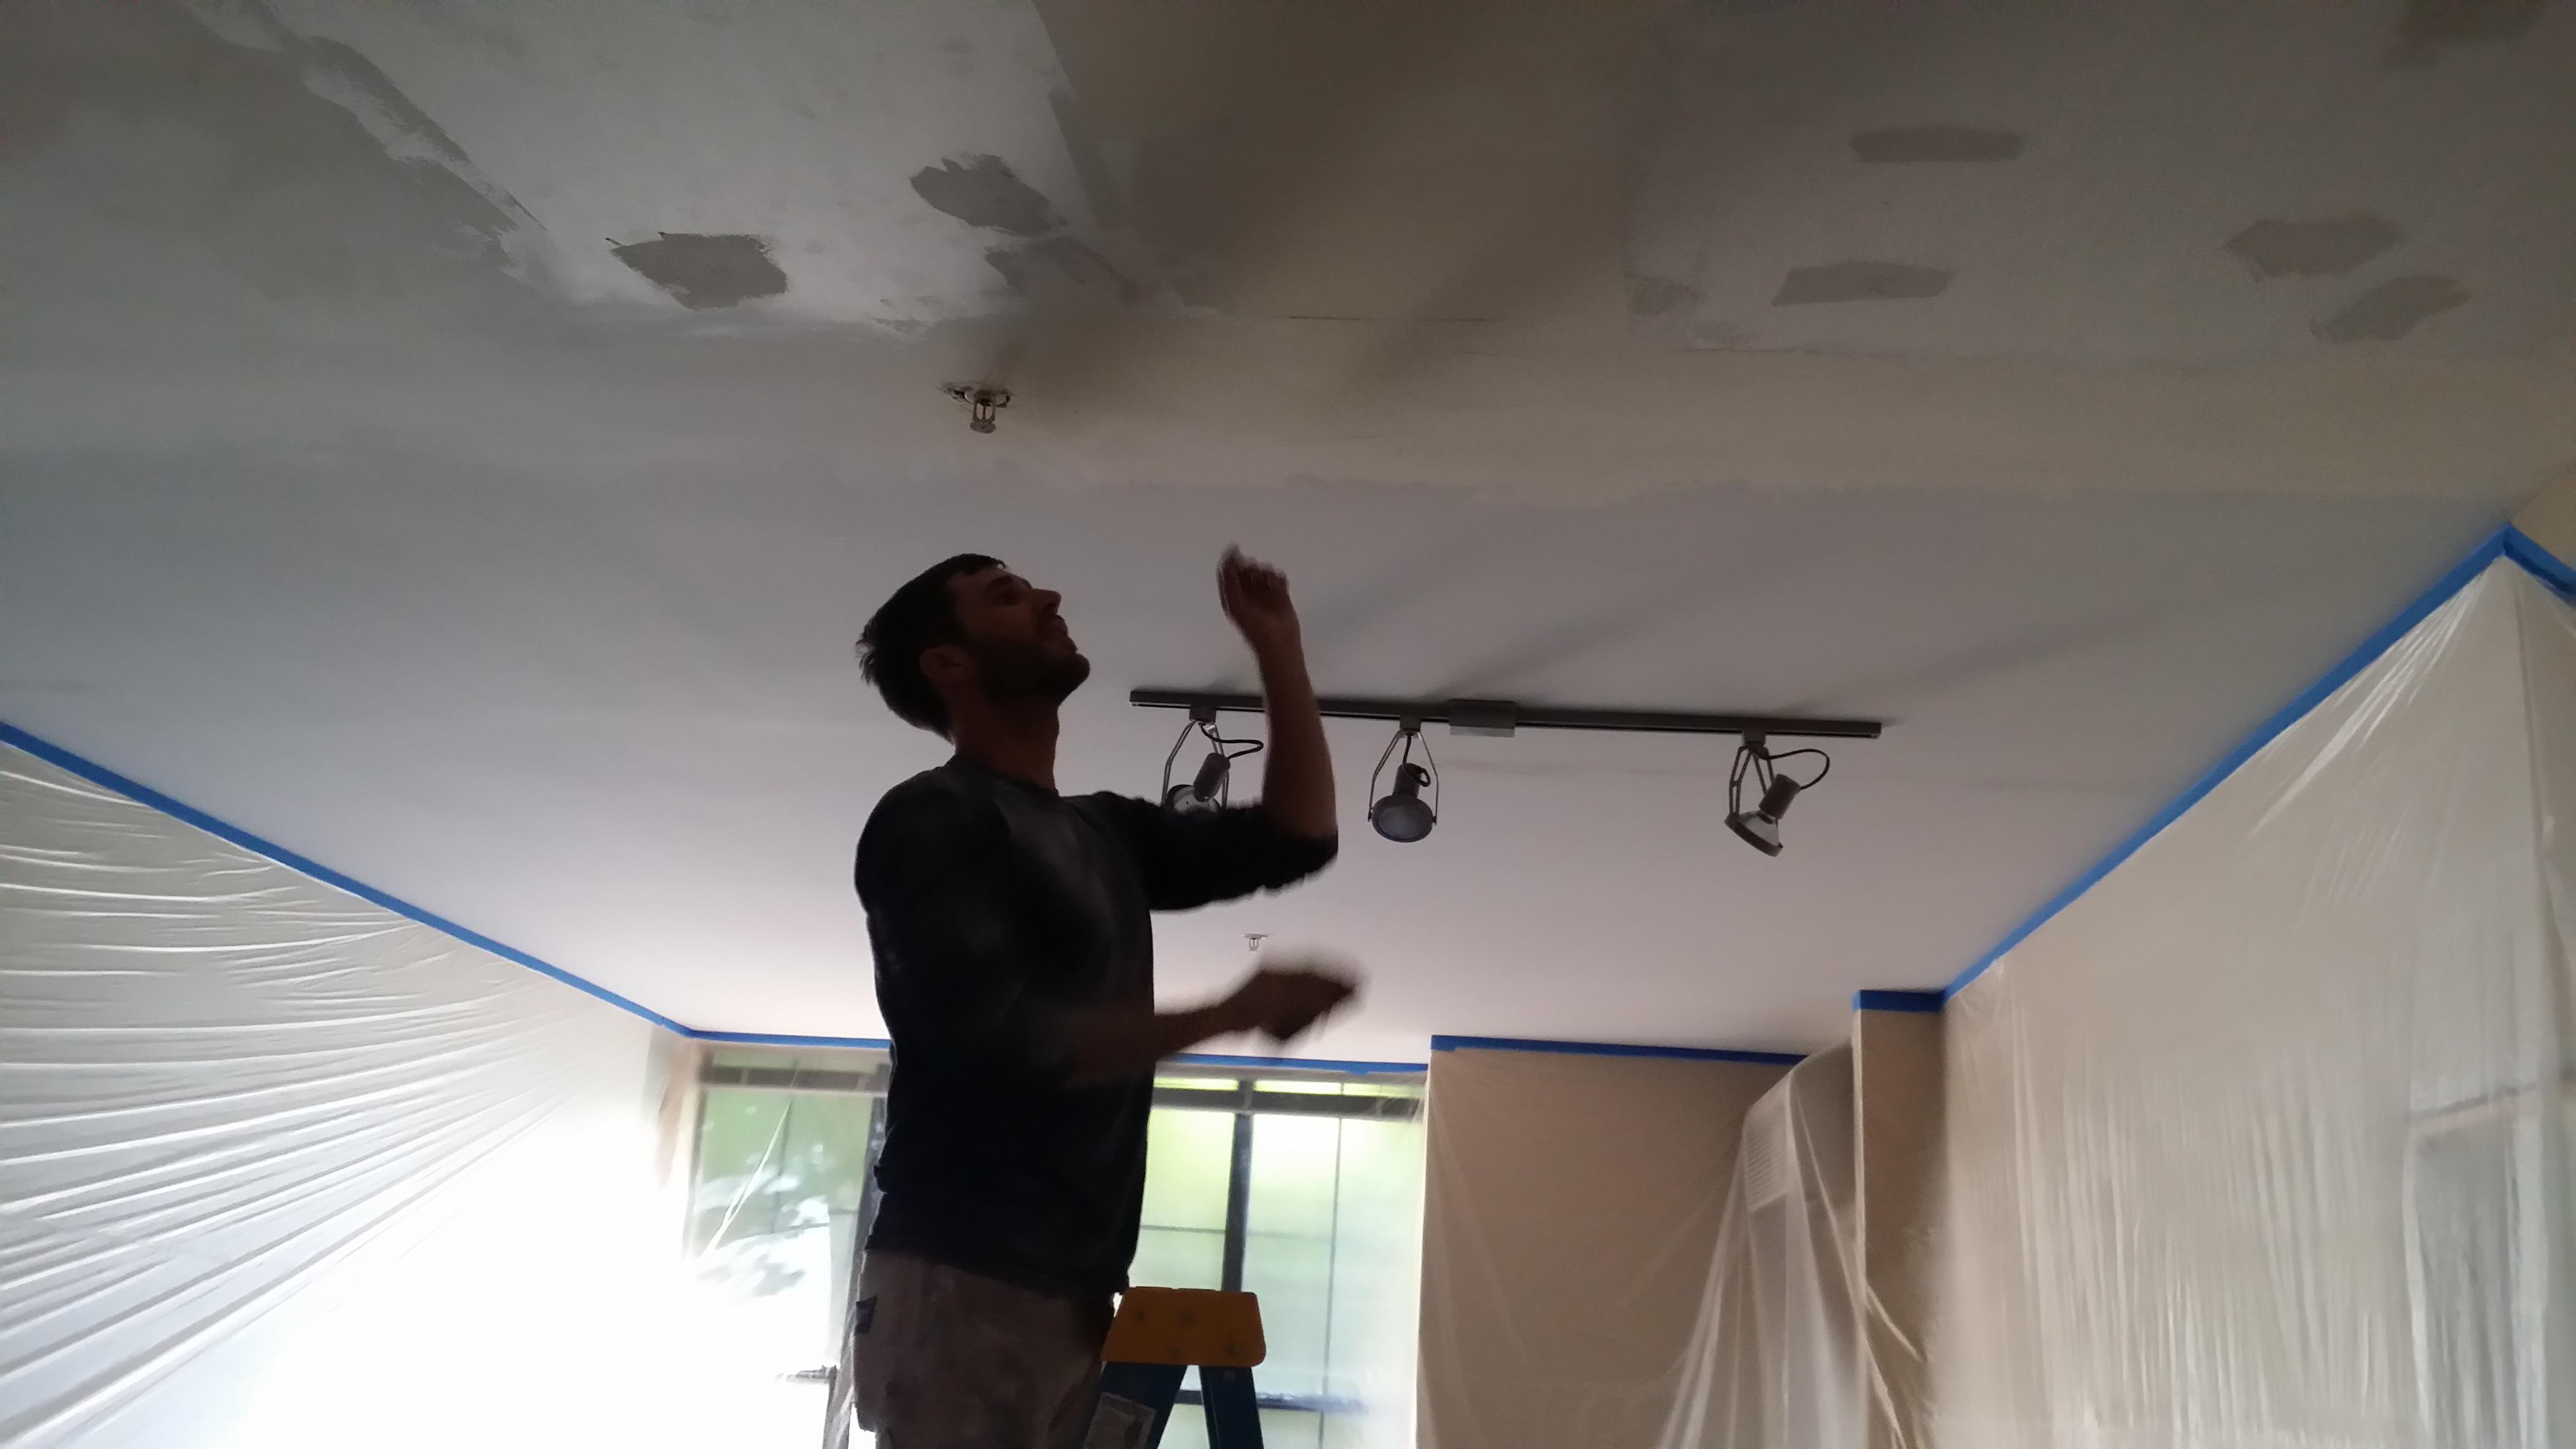 dap drywall repair kit